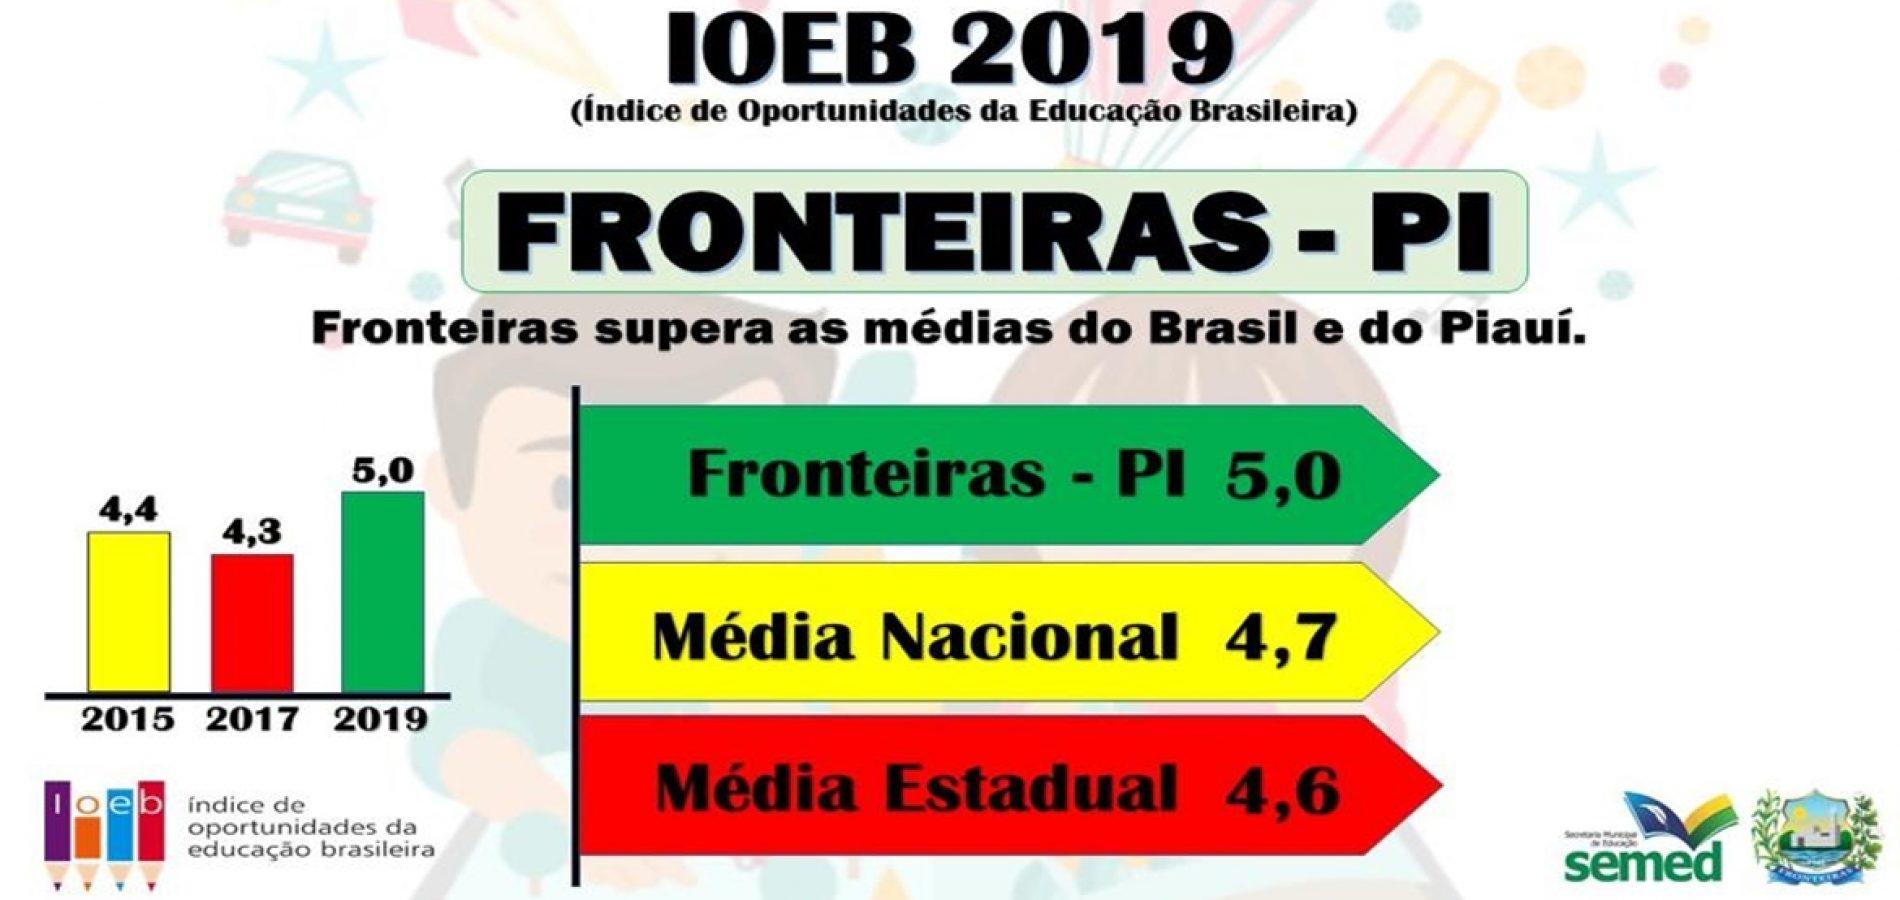 Educação de Fronteiras supera as médias do Brasil e do Piauí, diz IOEB